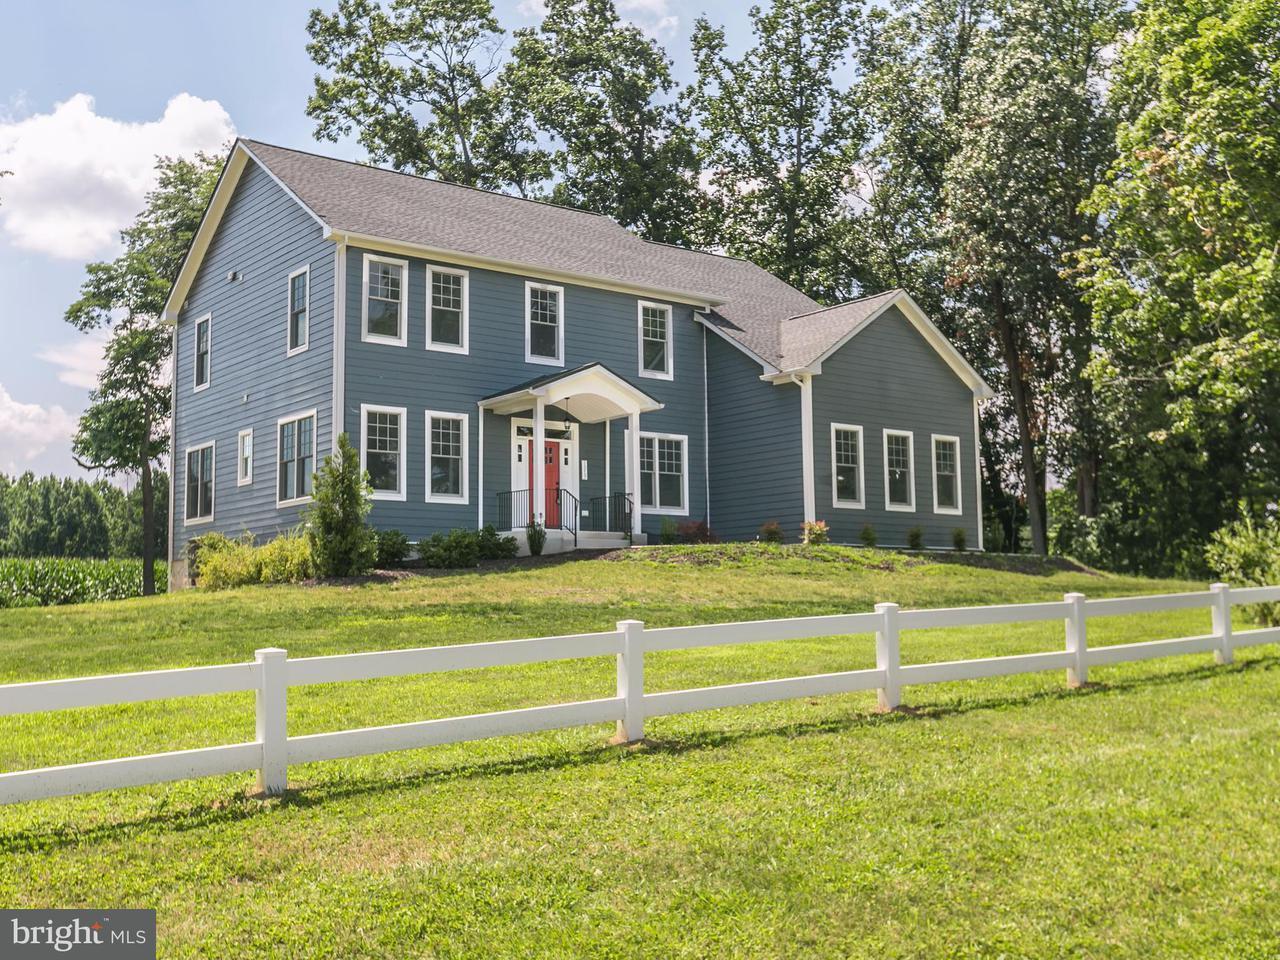 Частный односемейный дом для того Продажа на 1313 MONKTON Road 1313 MONKTON Road Monkton, Мэриленд 21111 Соединенные Штаты